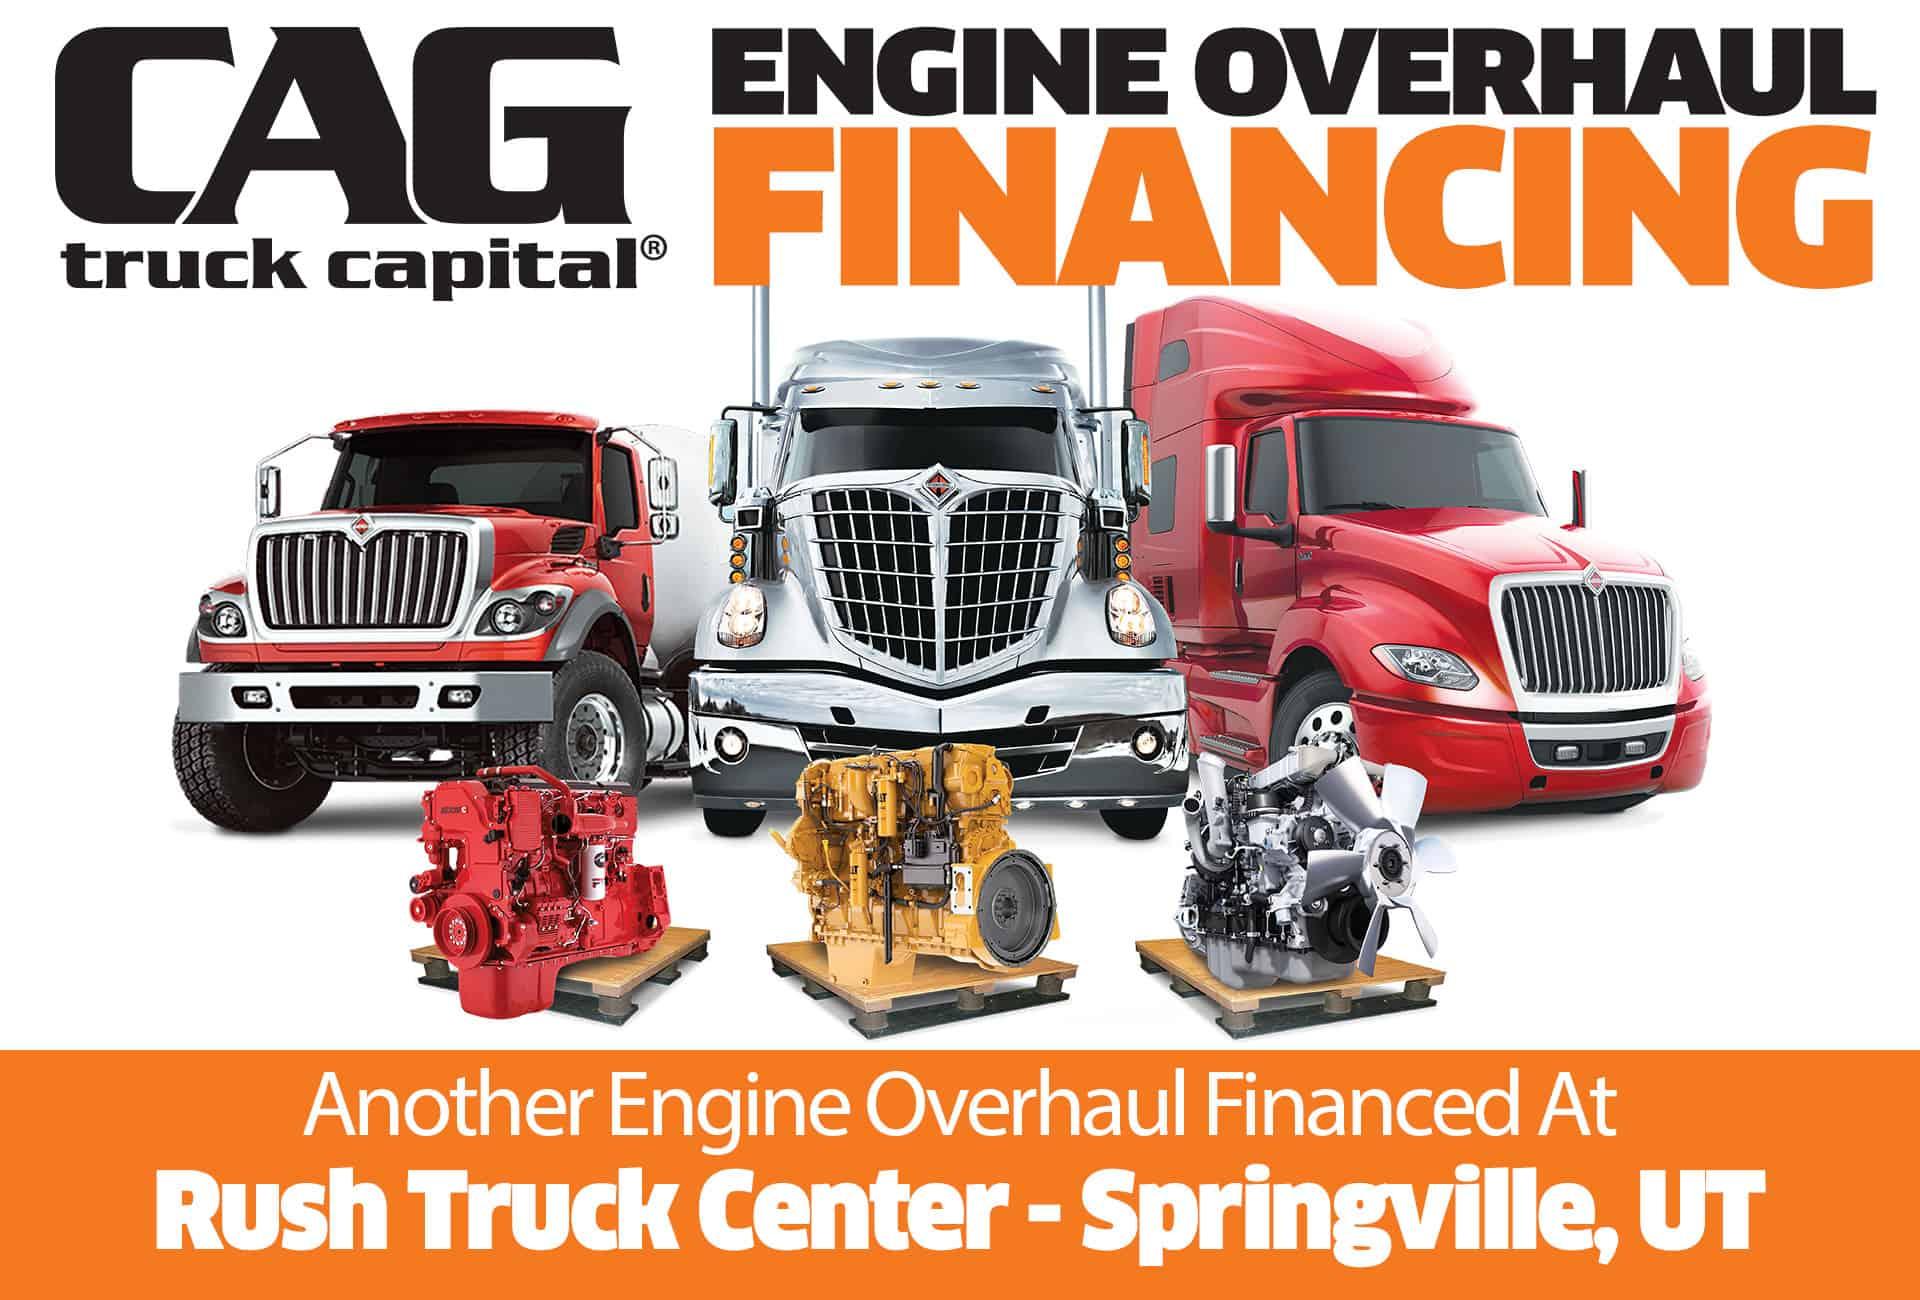 Rush Truck Center Springville UT